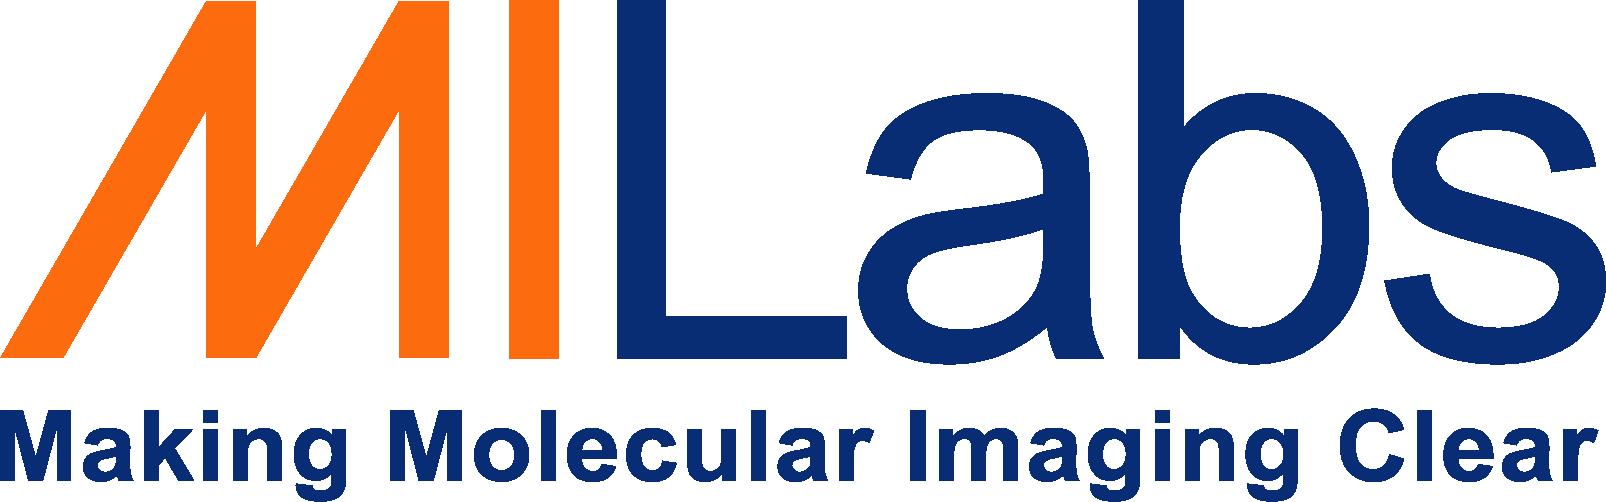 Milabs-logo-2020-RGB